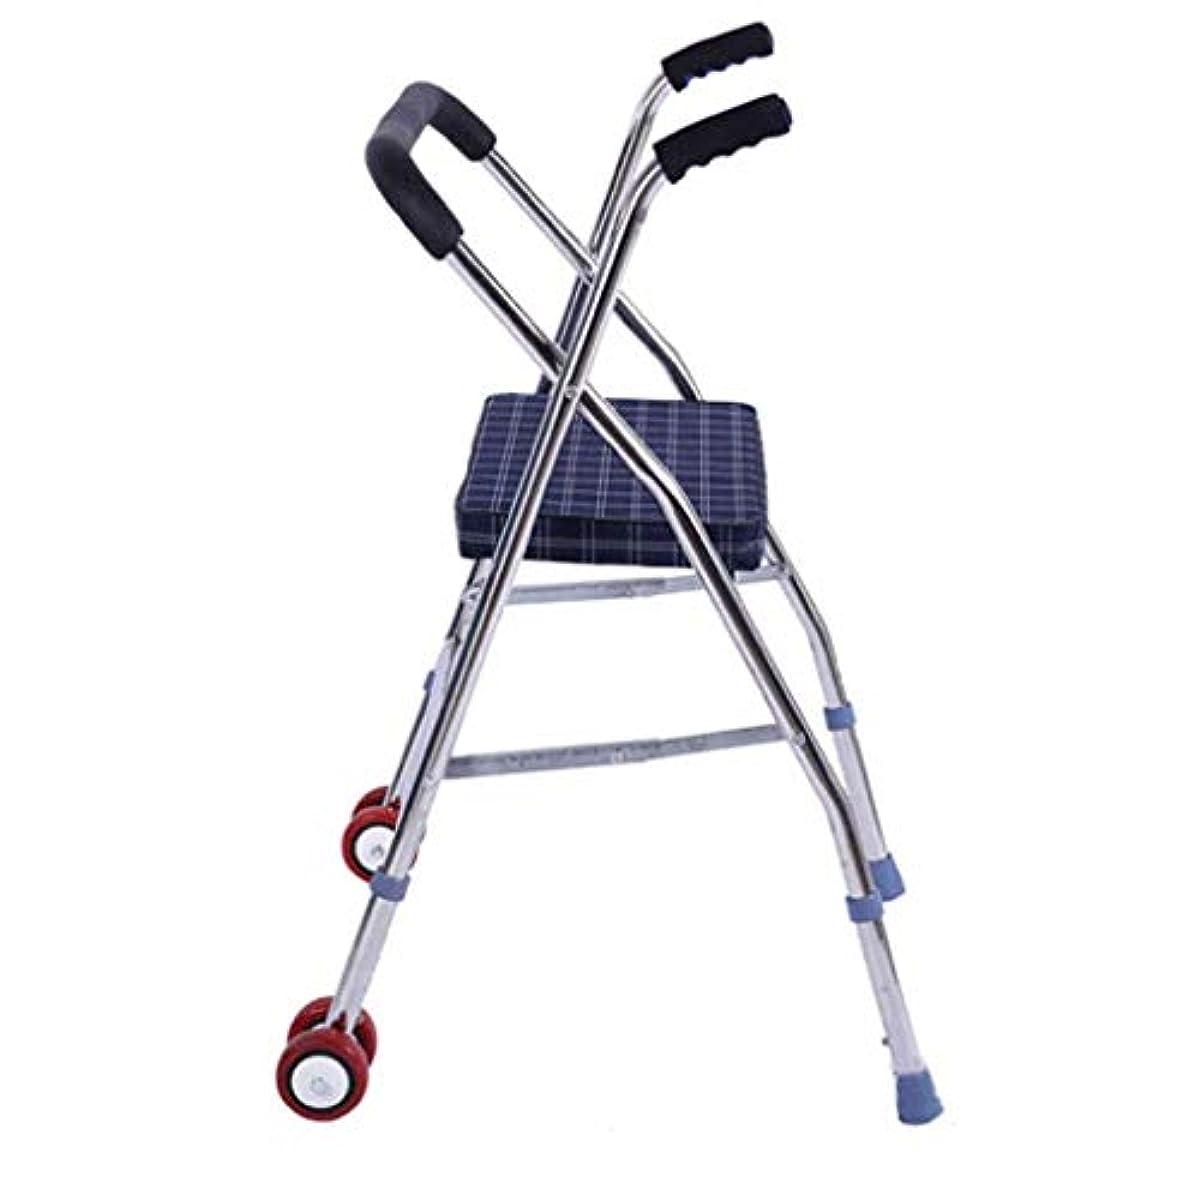 苦しみ配る大胆な年配の歩行者、ステンレス鋼の動かされた歩行者調節可能な高さの折り畳み式の軽量の歩行者補助歩行者